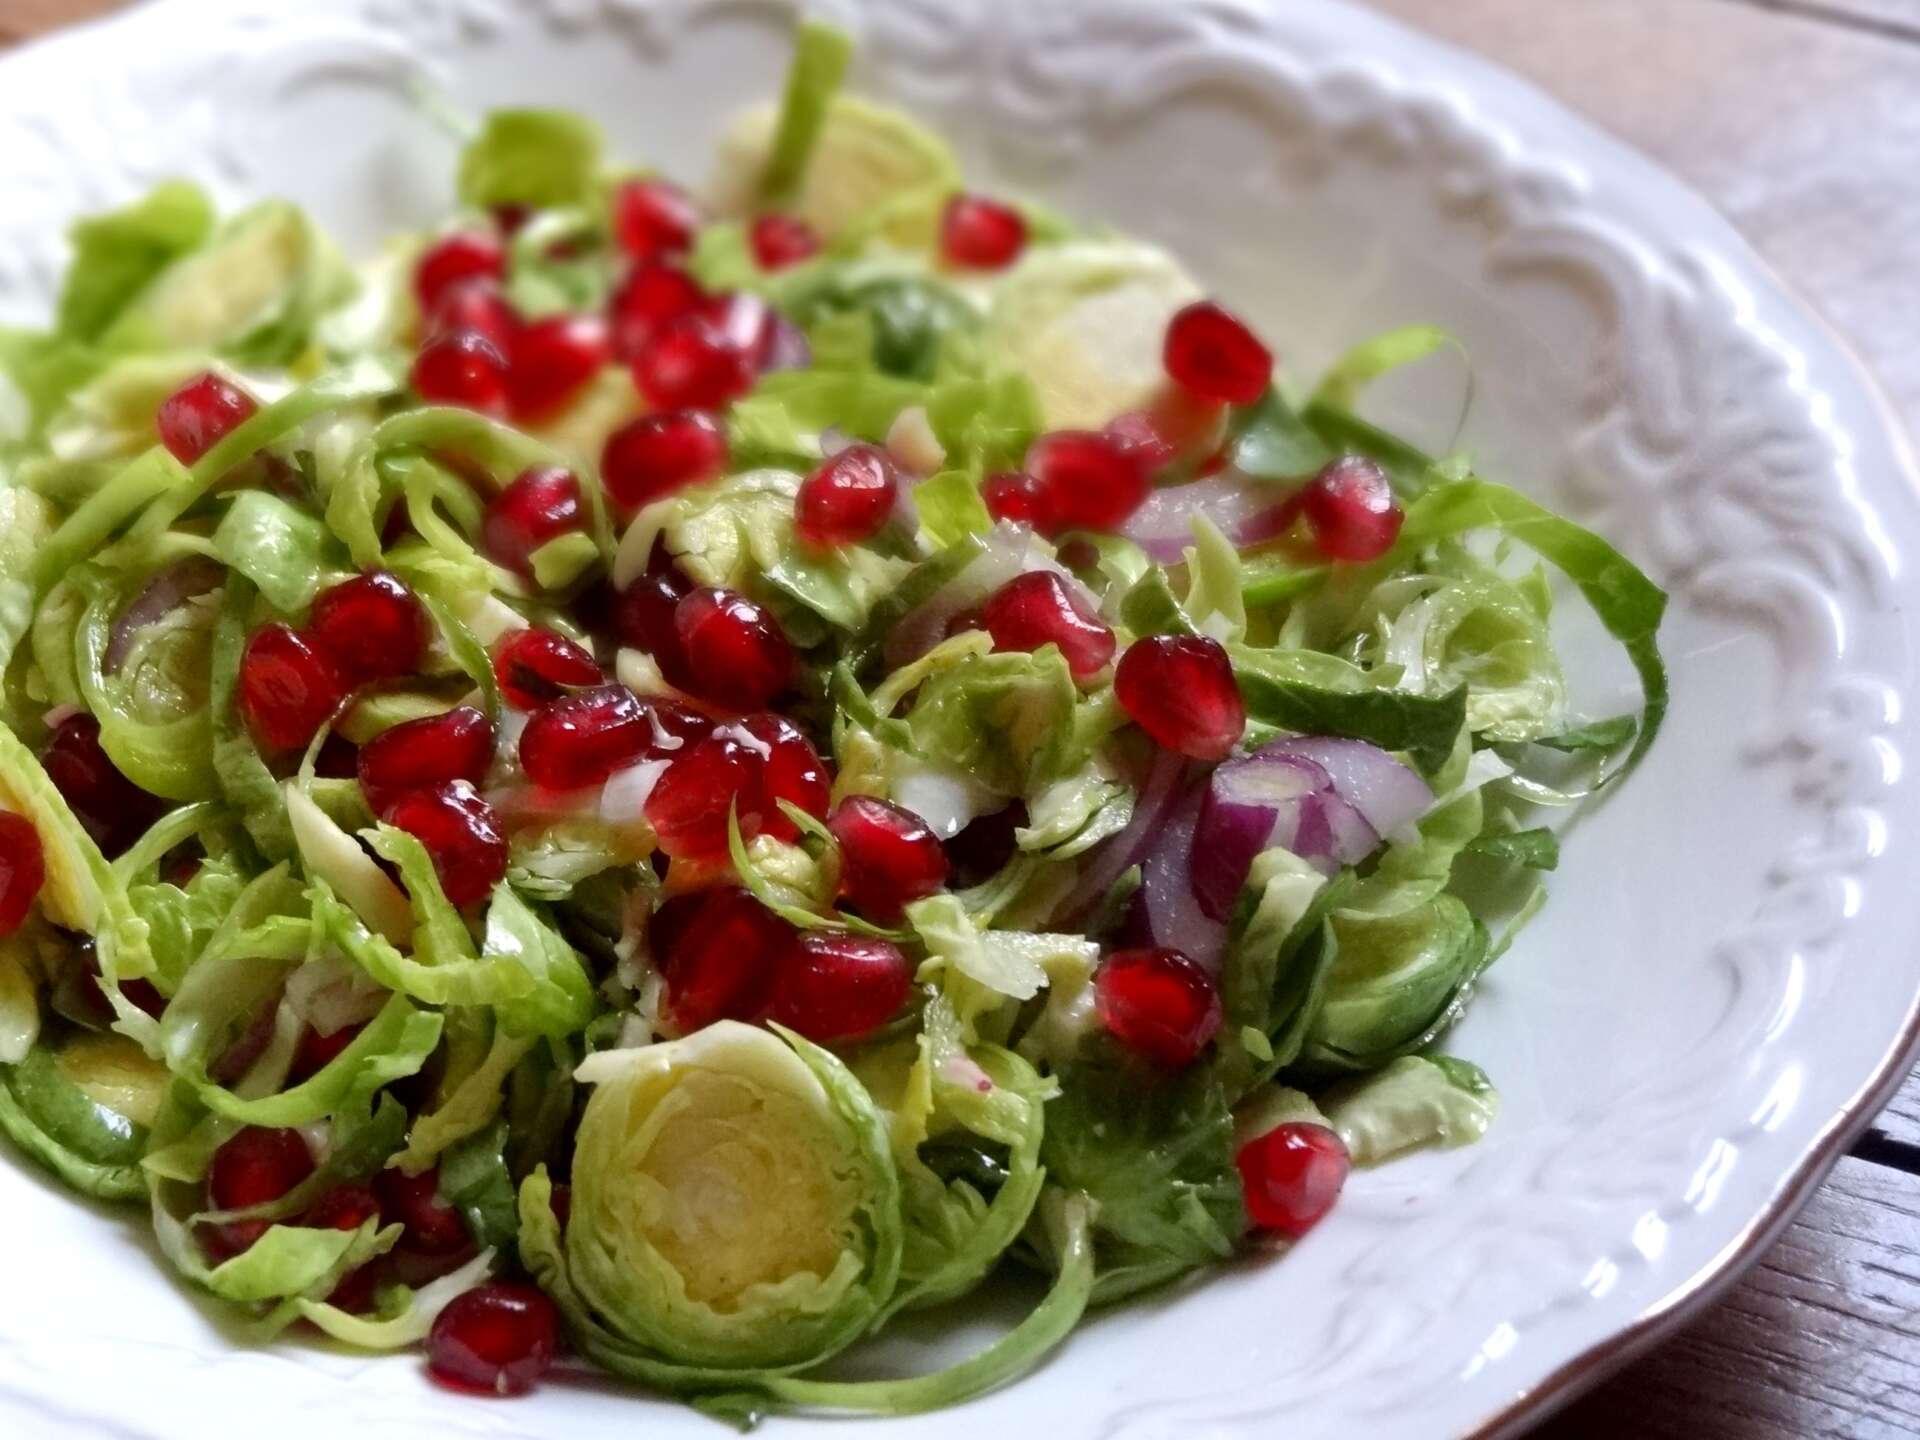 Salade de choux de bruxelles crus et grenade la tendresse en cuisine - Choux de bruxelles plantation ...